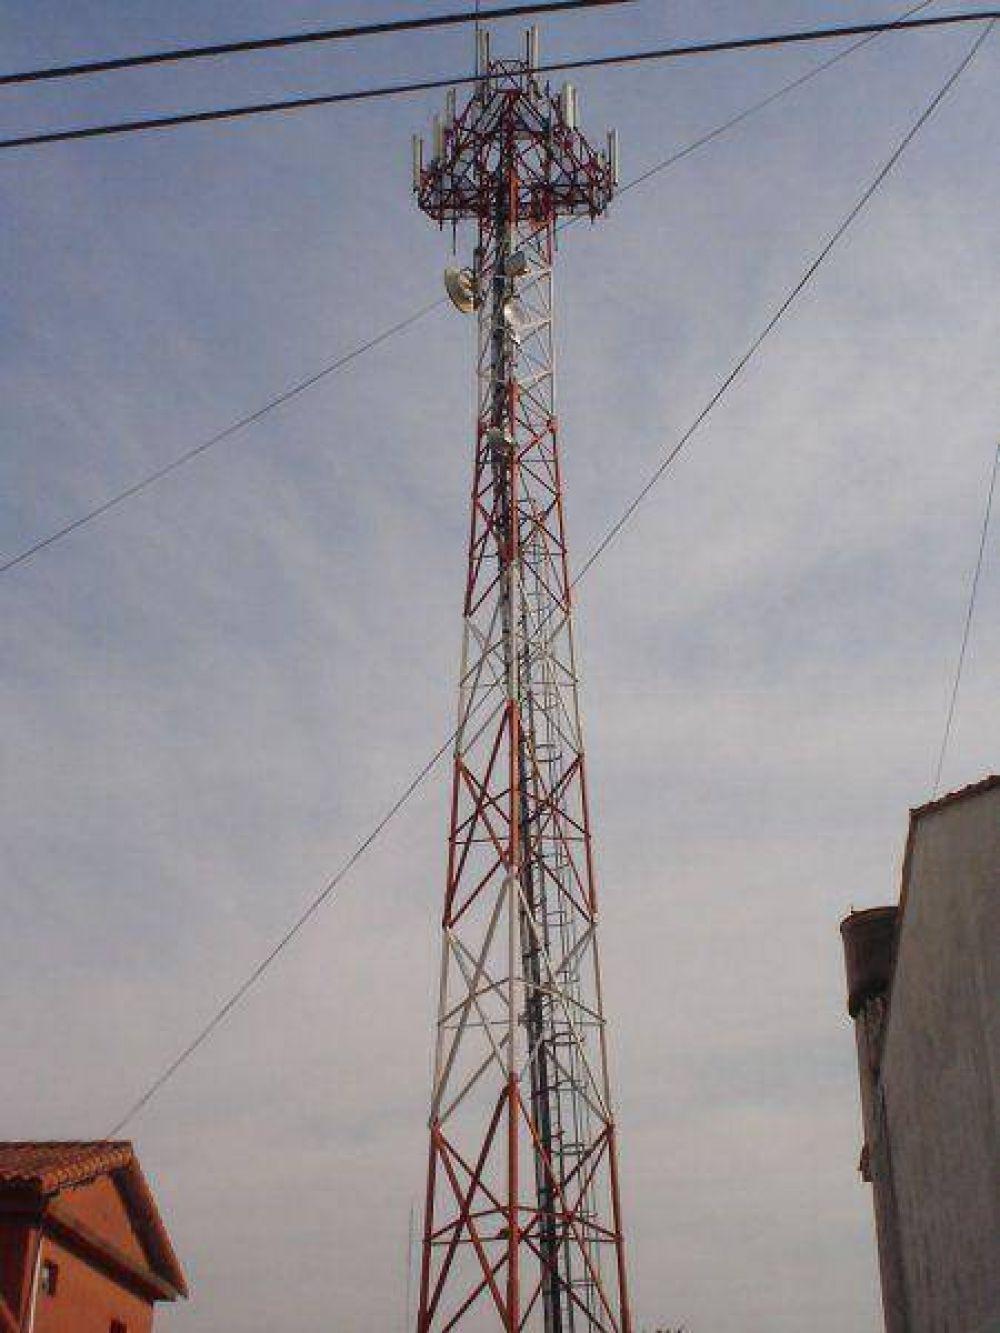 Antenas de telefonía celular Despierta curiosidad lo que aparece como un cambio de temperamento oficial